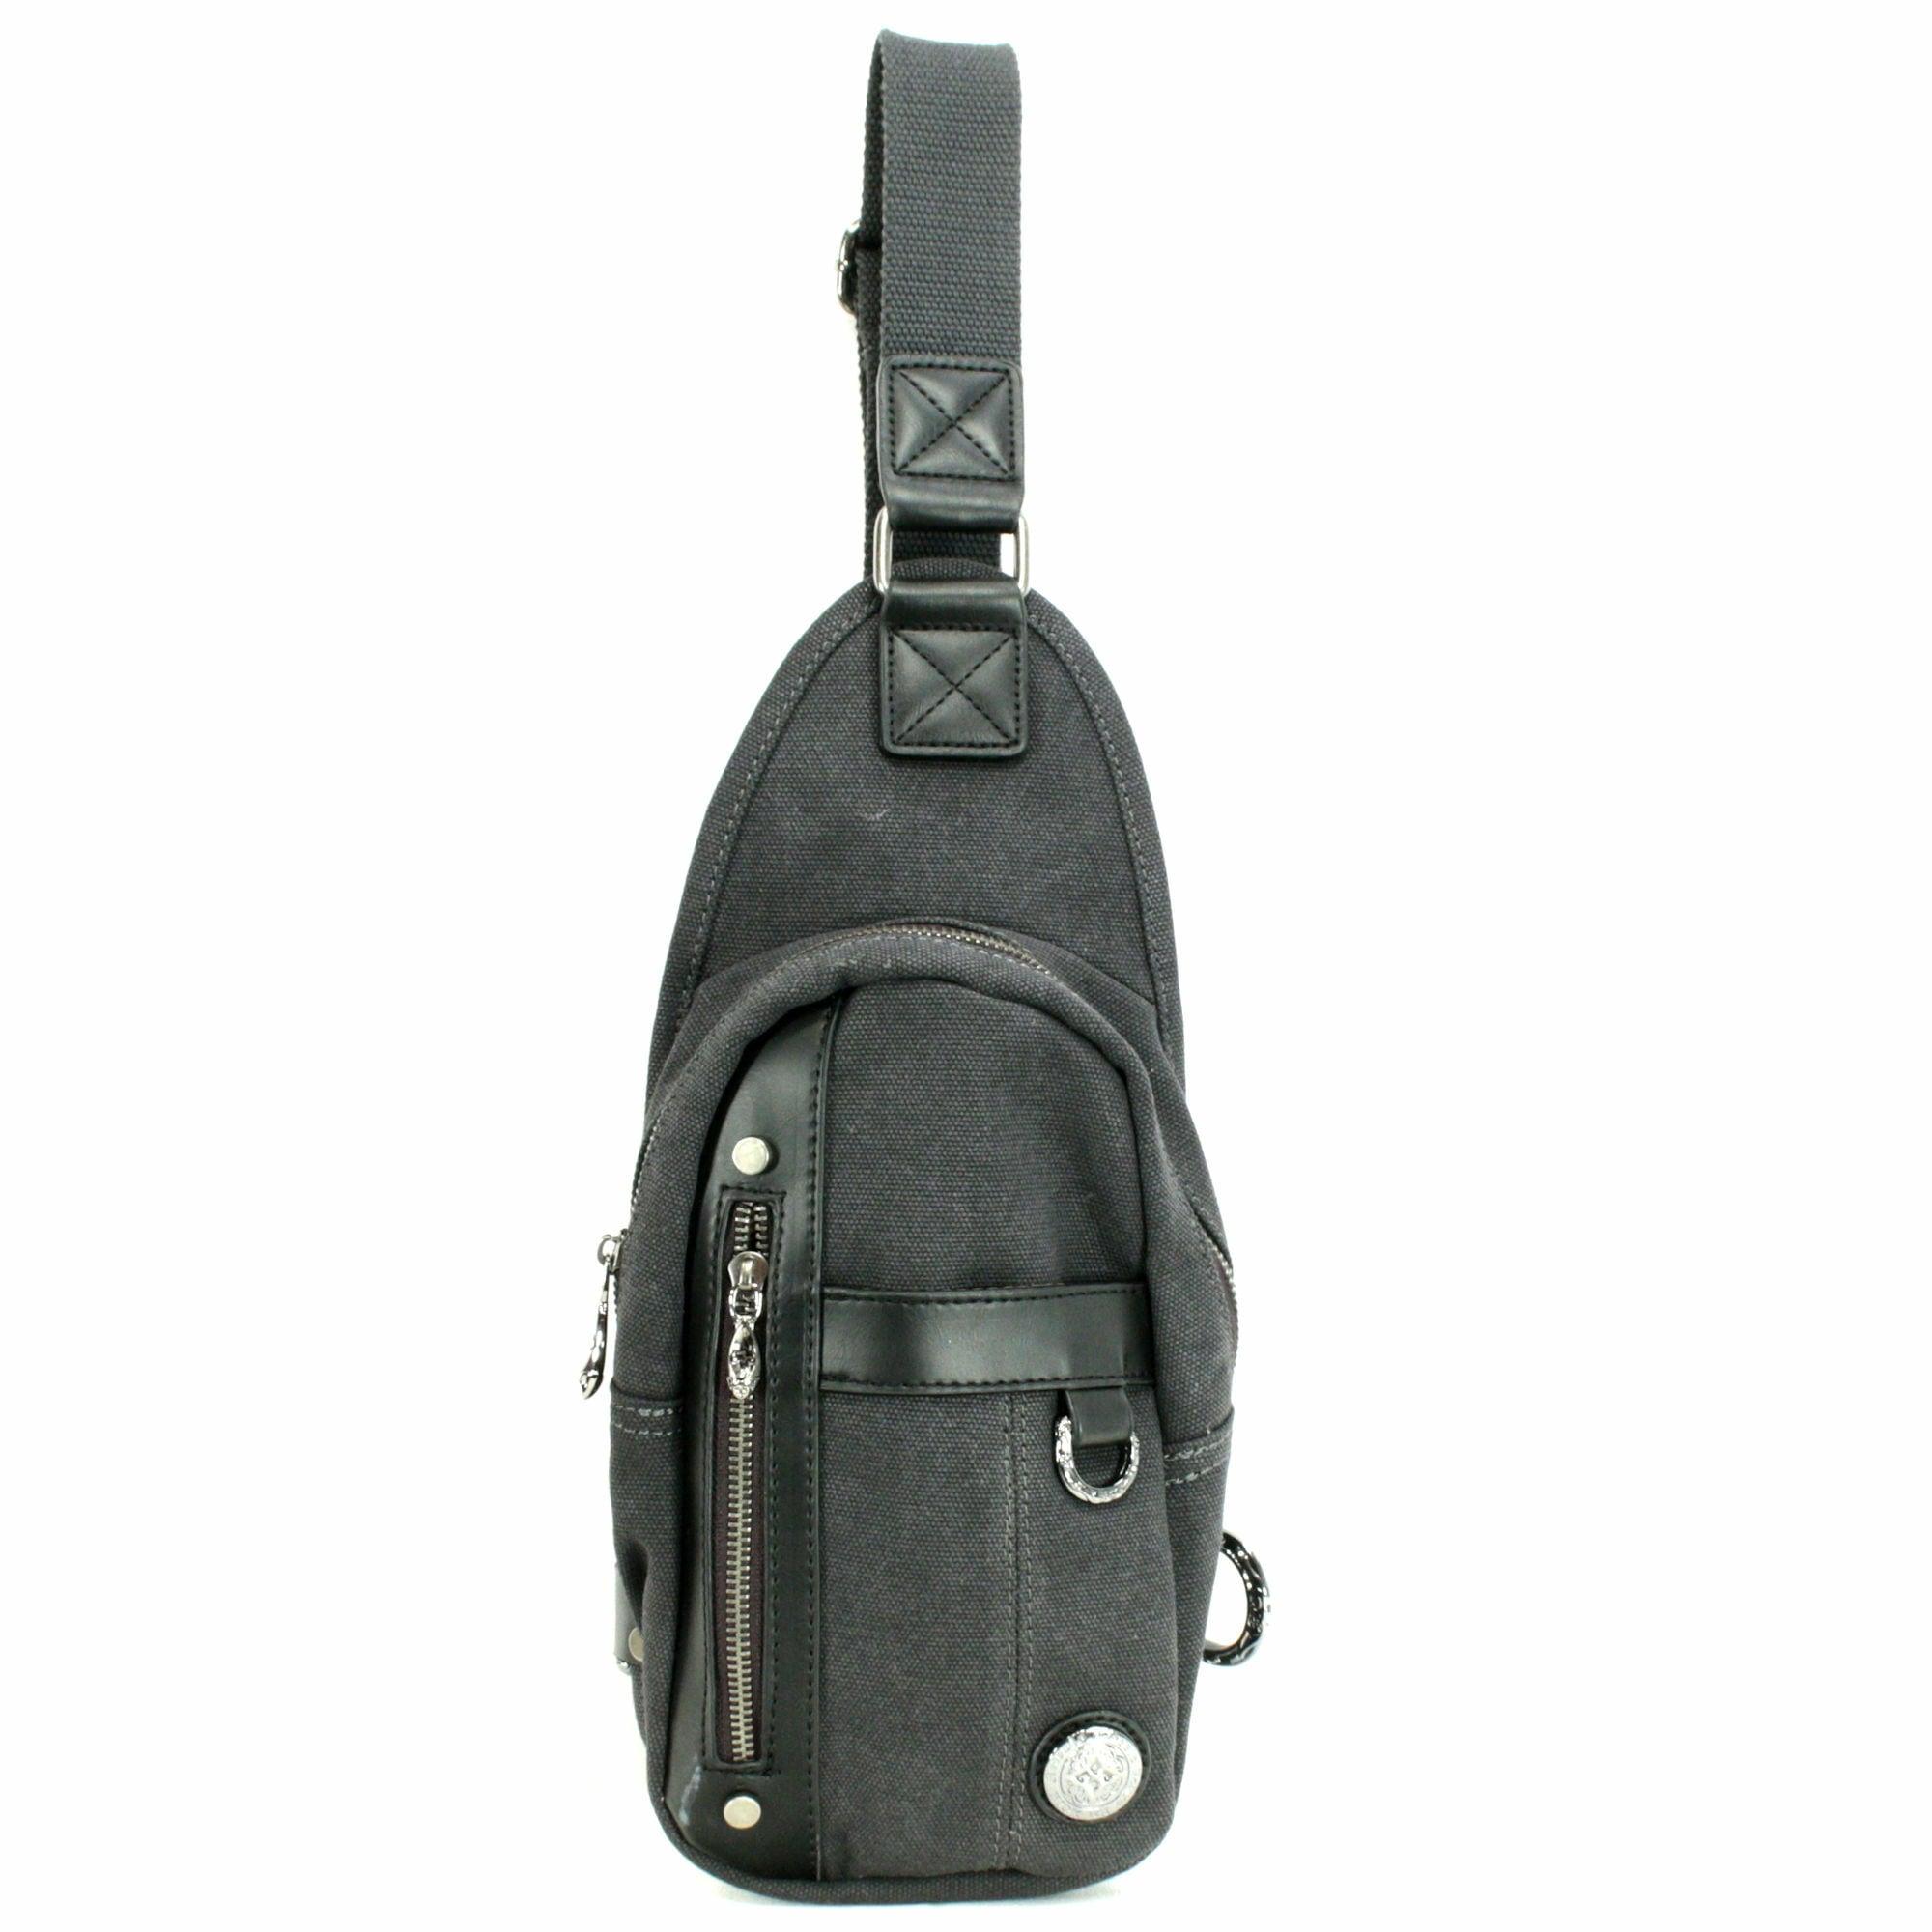 キャンバスボディバッグ ACBG0017 Canvas body bag